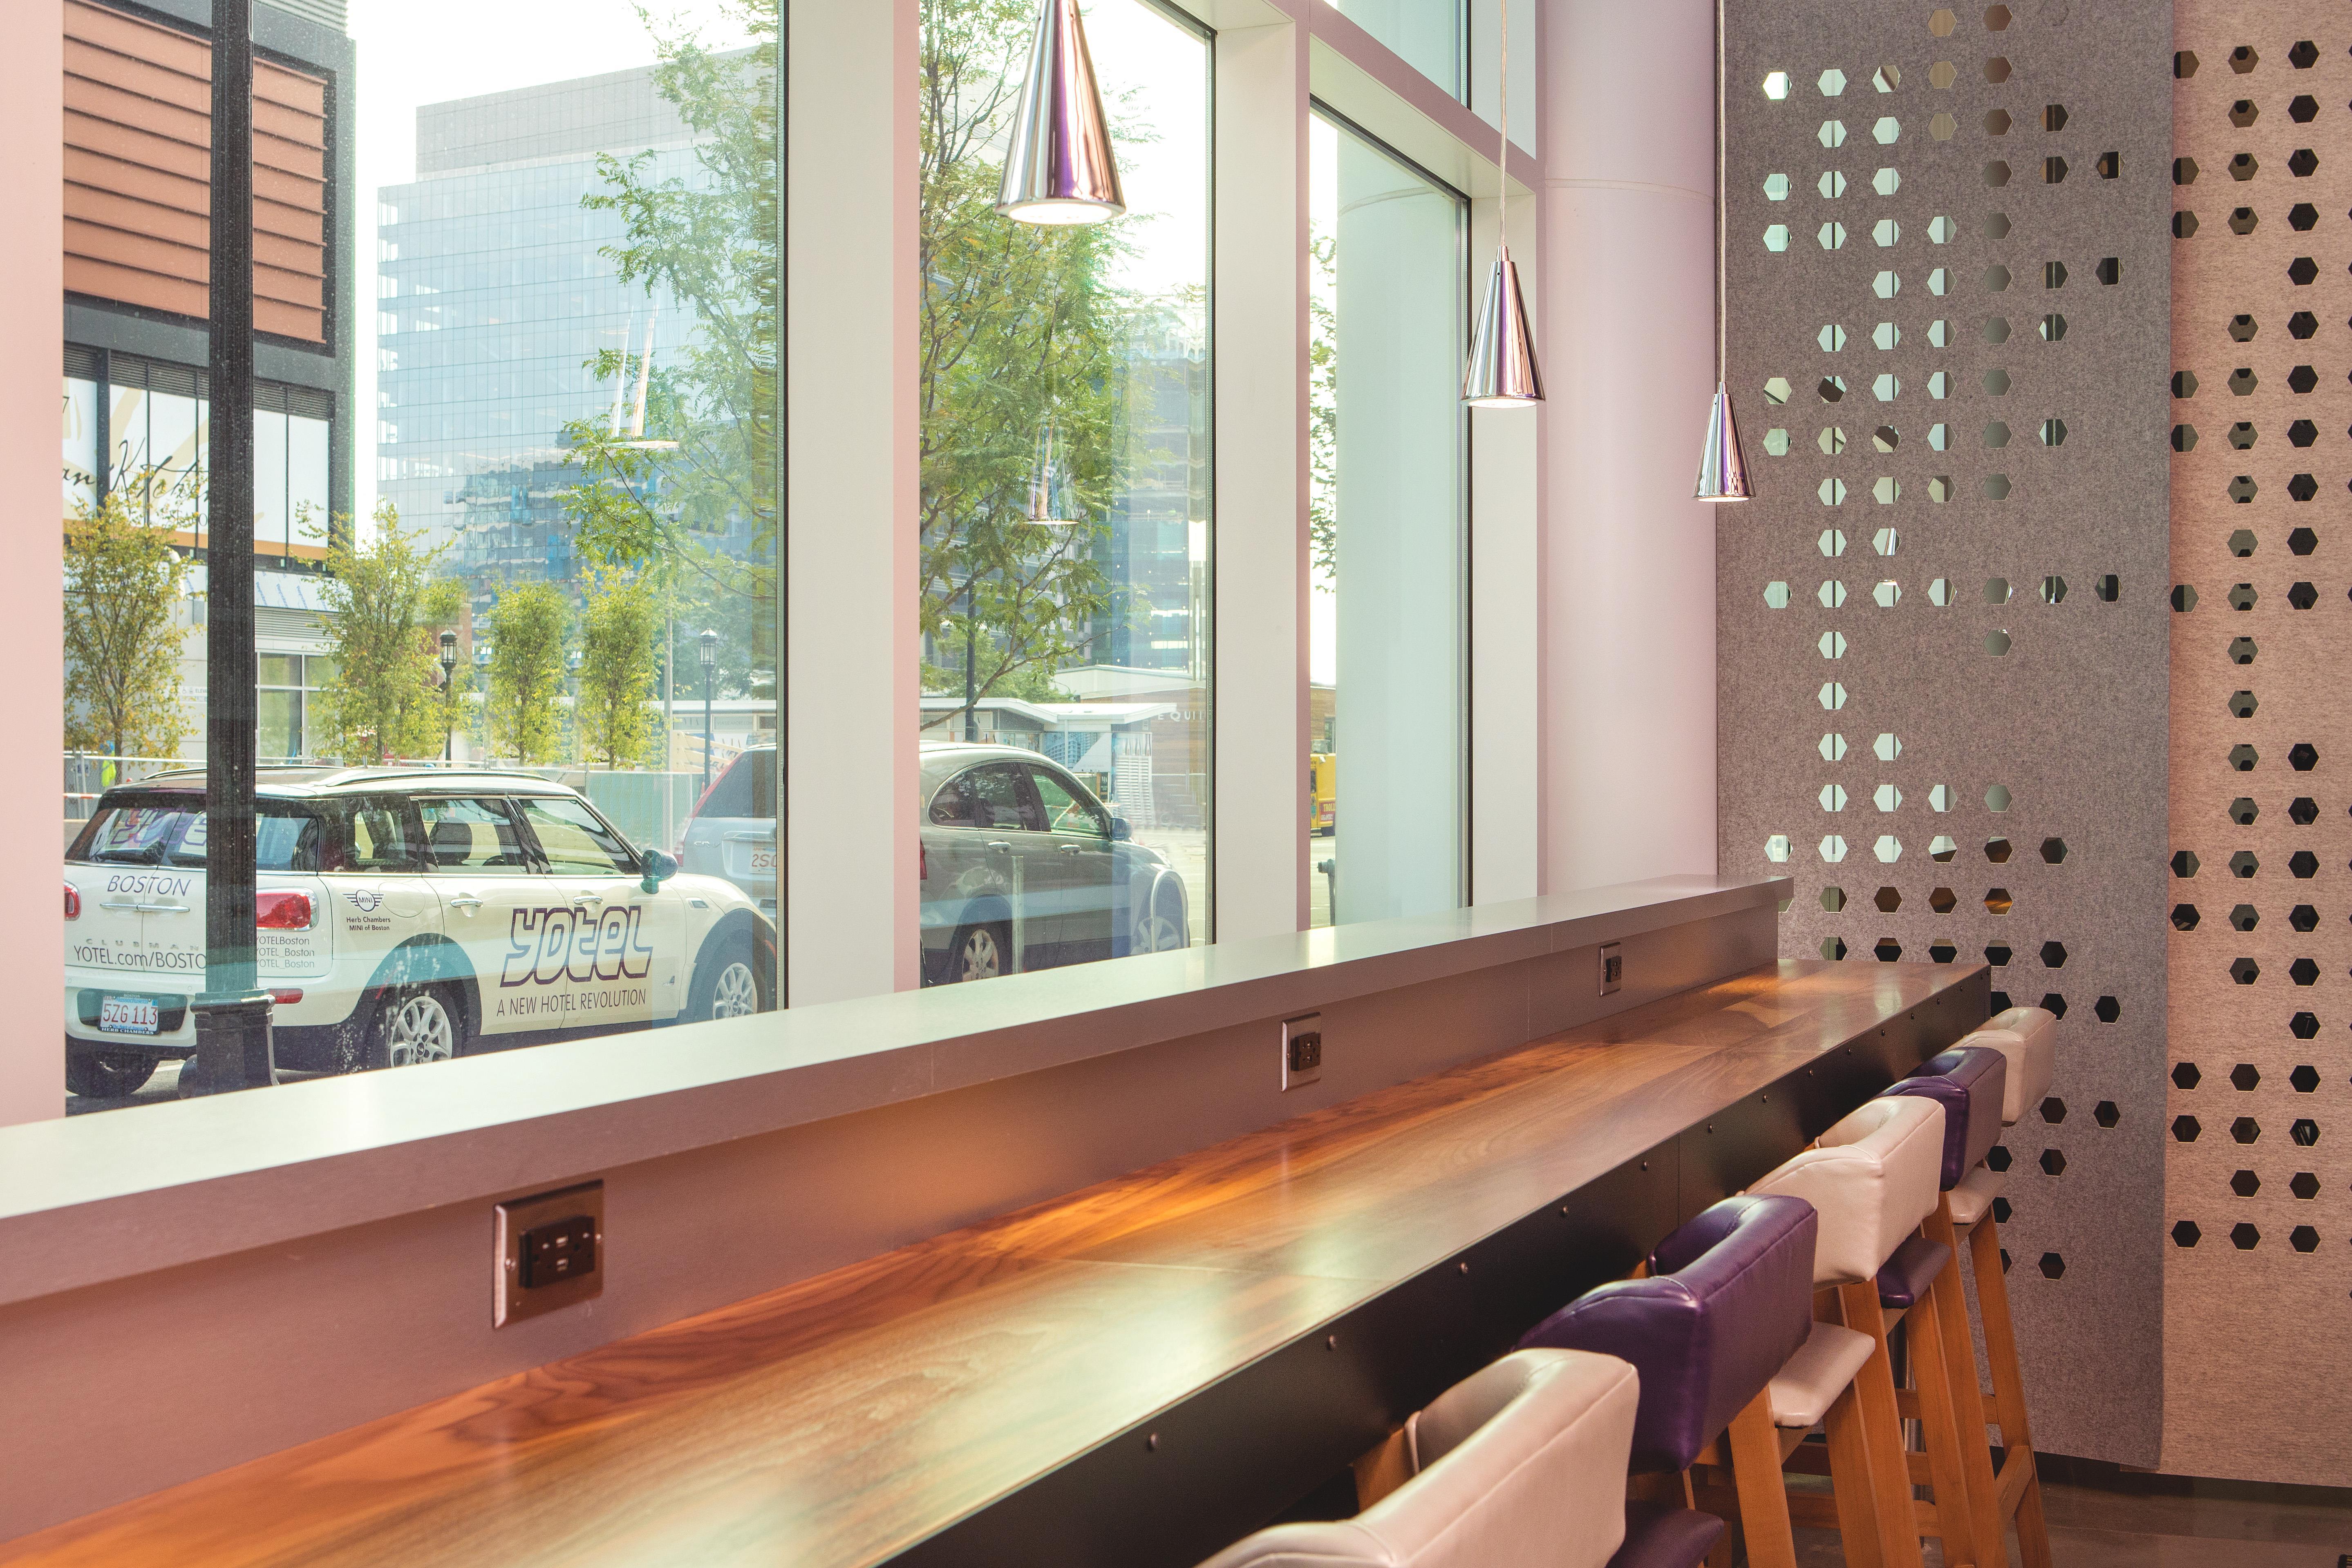 YOTEL Boston - Club Lounge